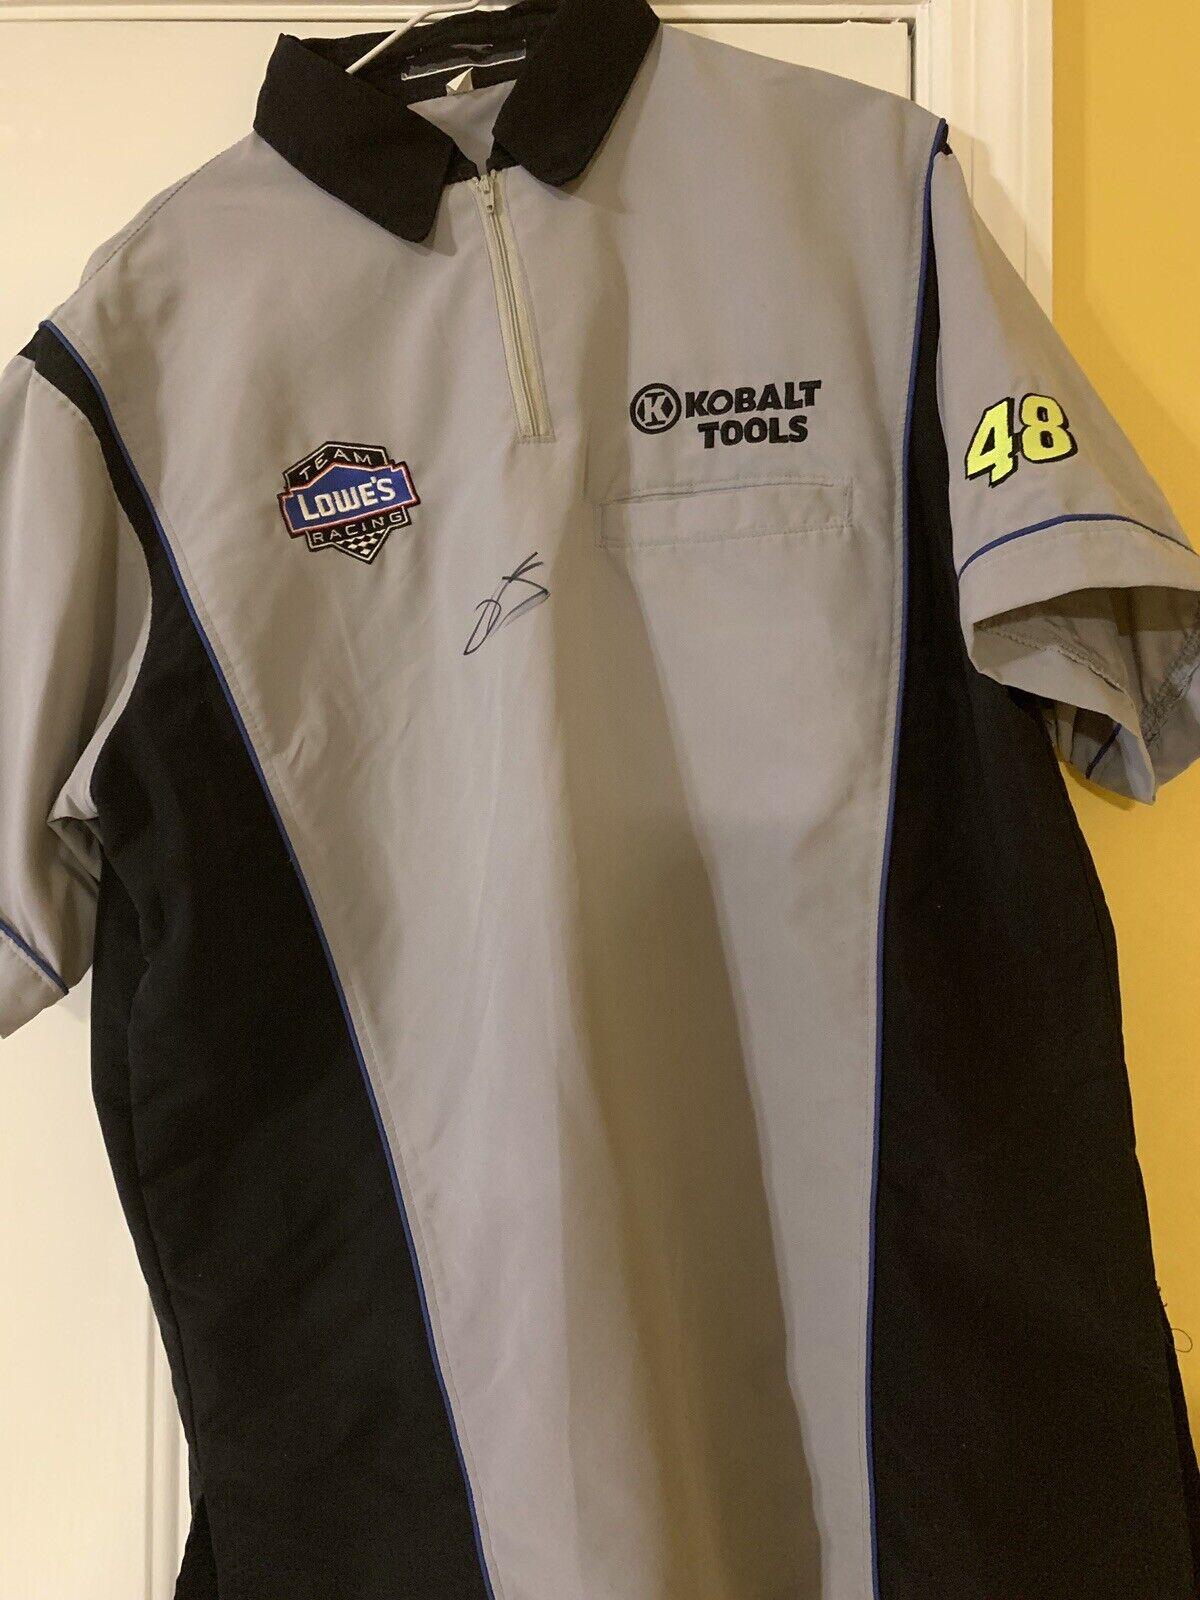 producto de calidad 2010 Jimmie Johnson autografiada Kobalt raza utilizado 5th campeonato campeonato campeonato Camisa de equipo  precio al por mayor